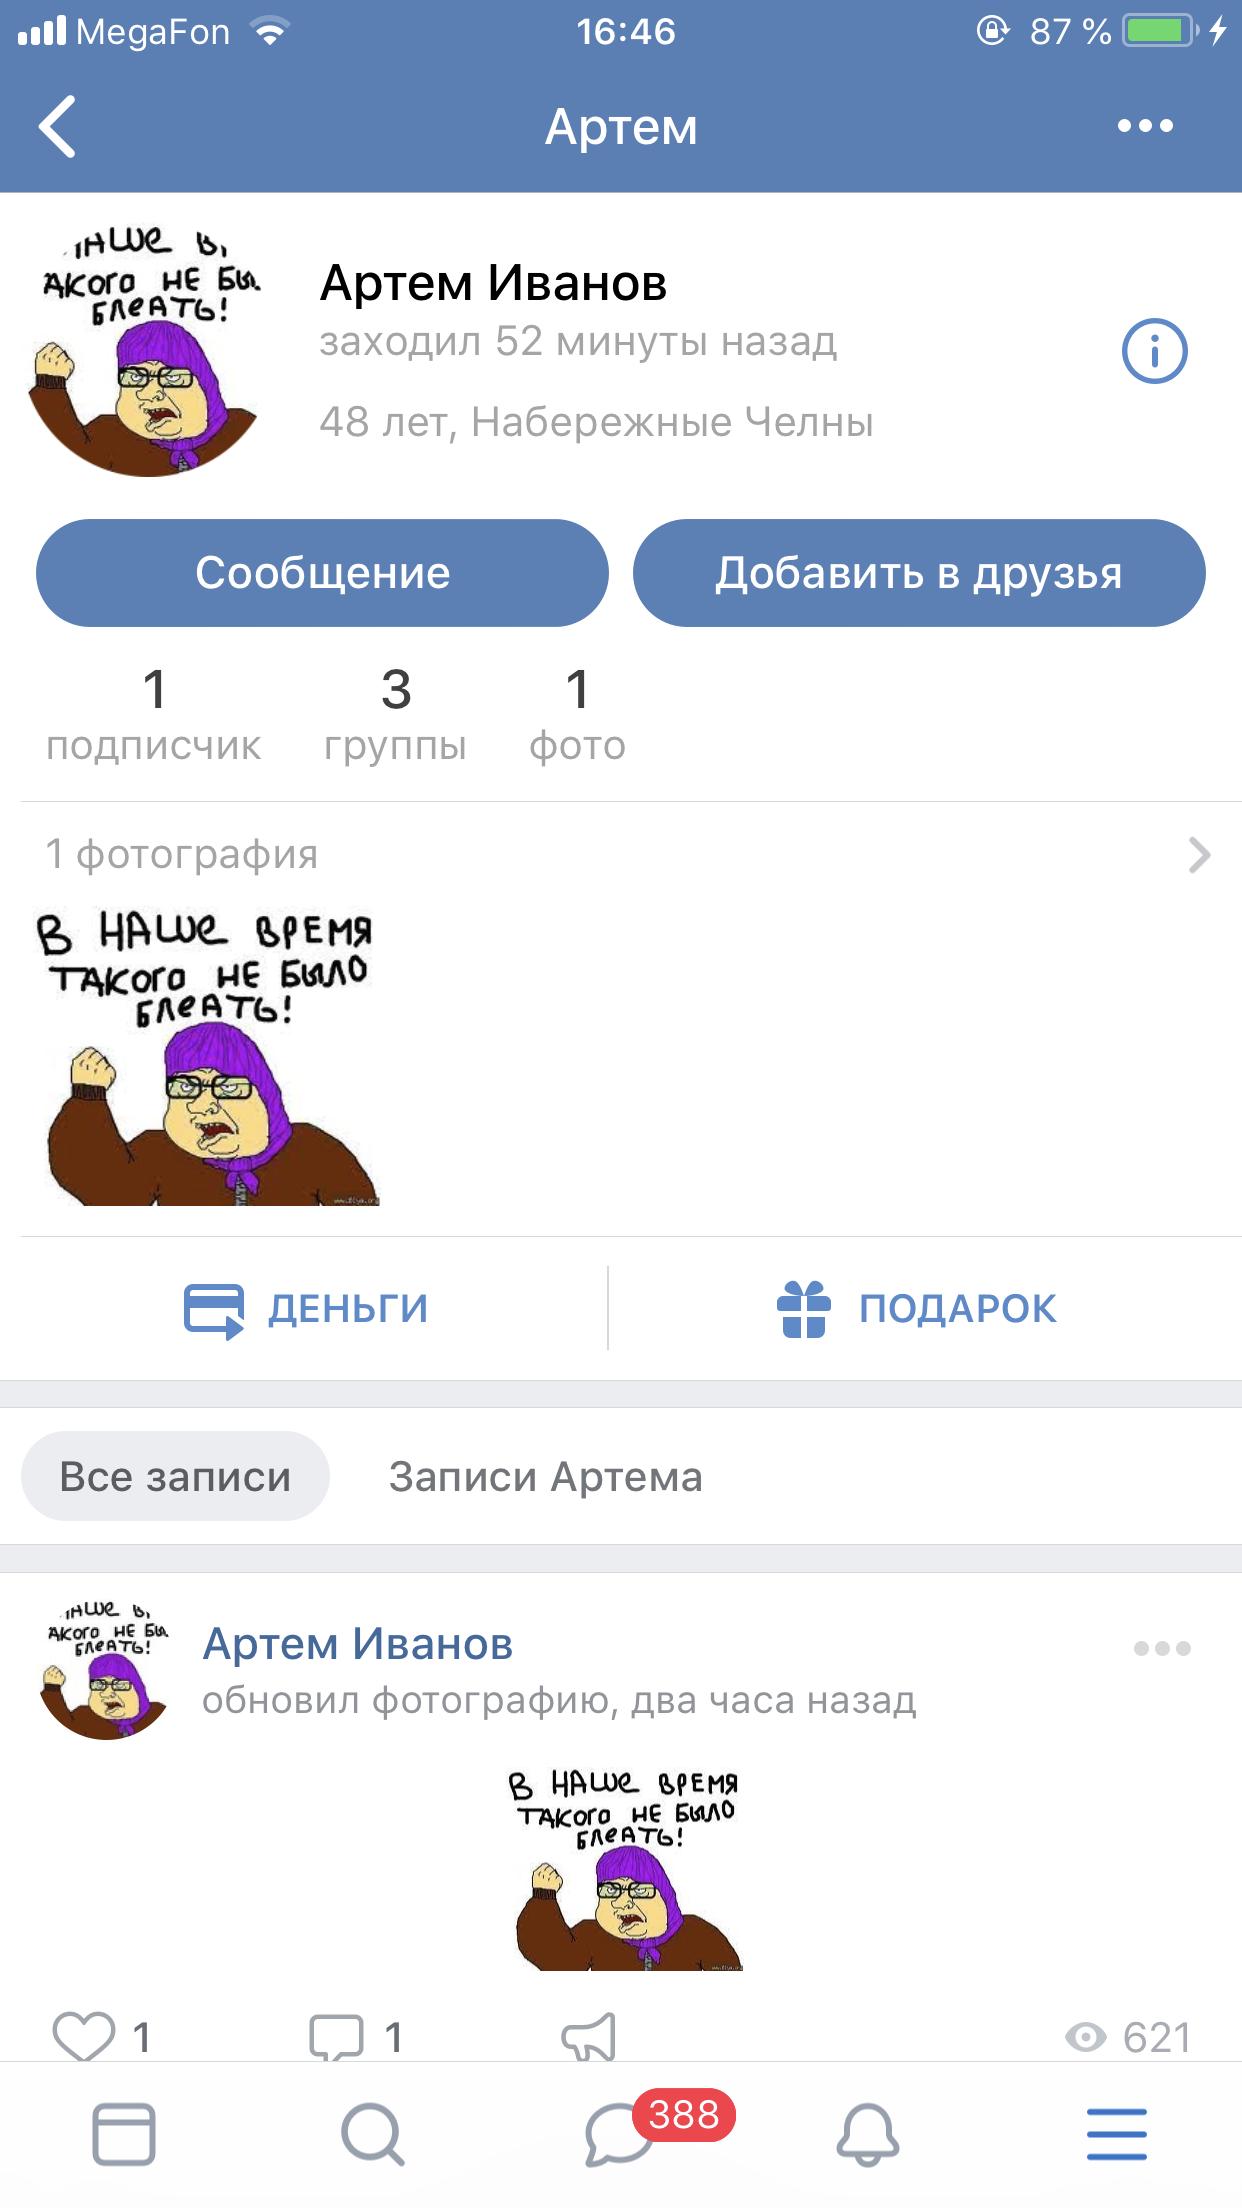 chelninskaya-shalava-daet-vsem-video-klizma